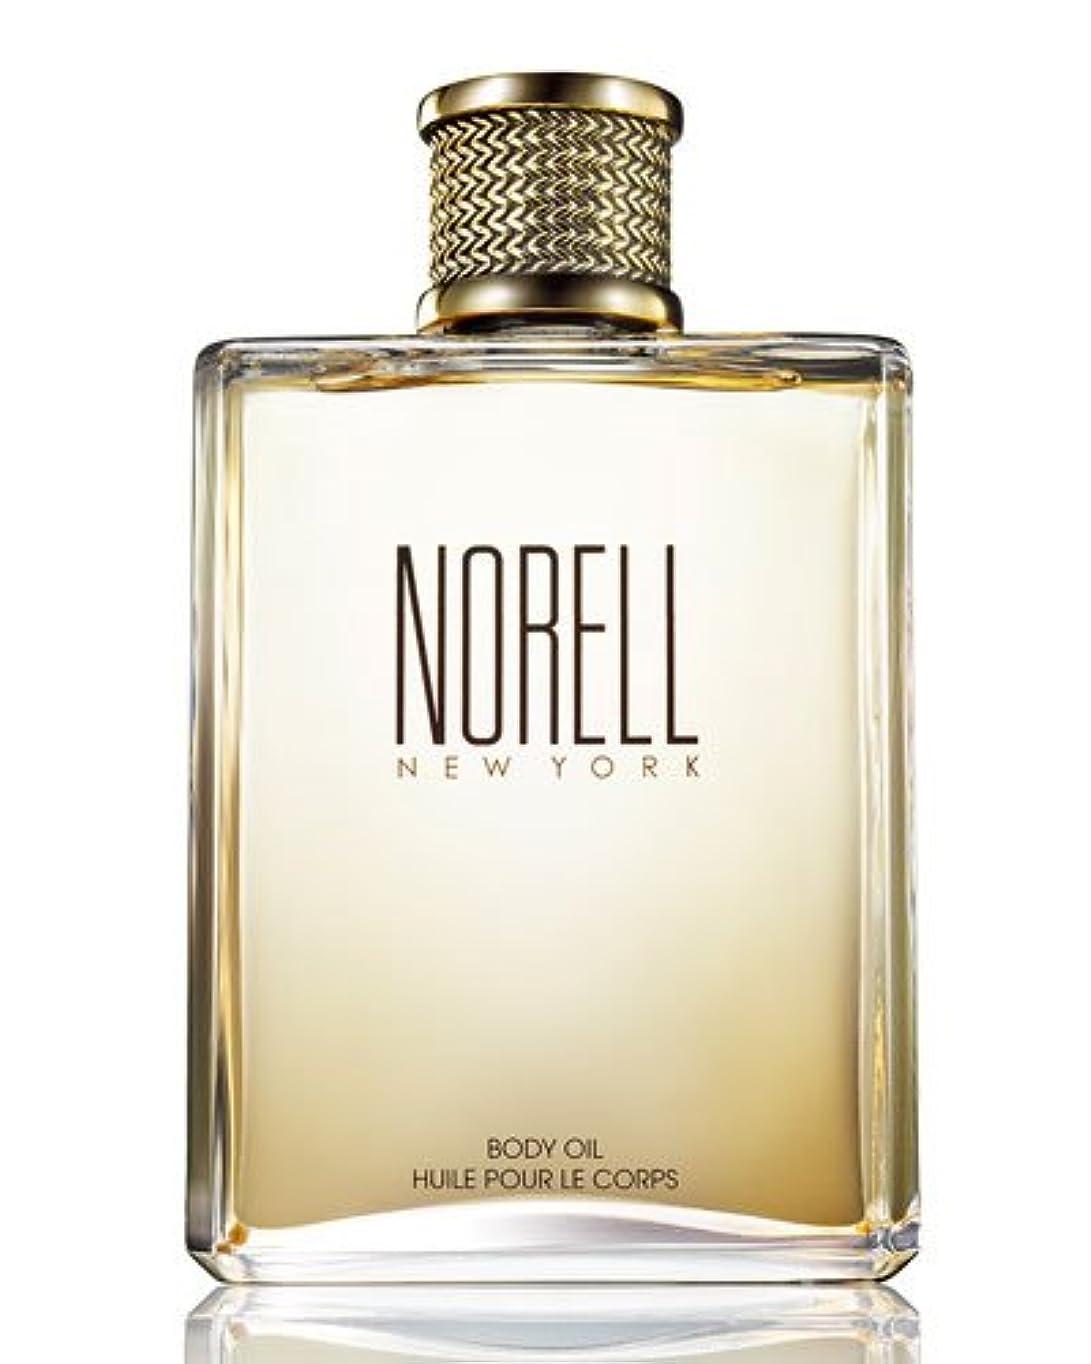 同情的ゴミゴミNorell (ノレル) 8.0 oz (240ml) Body Oil by Norell New York